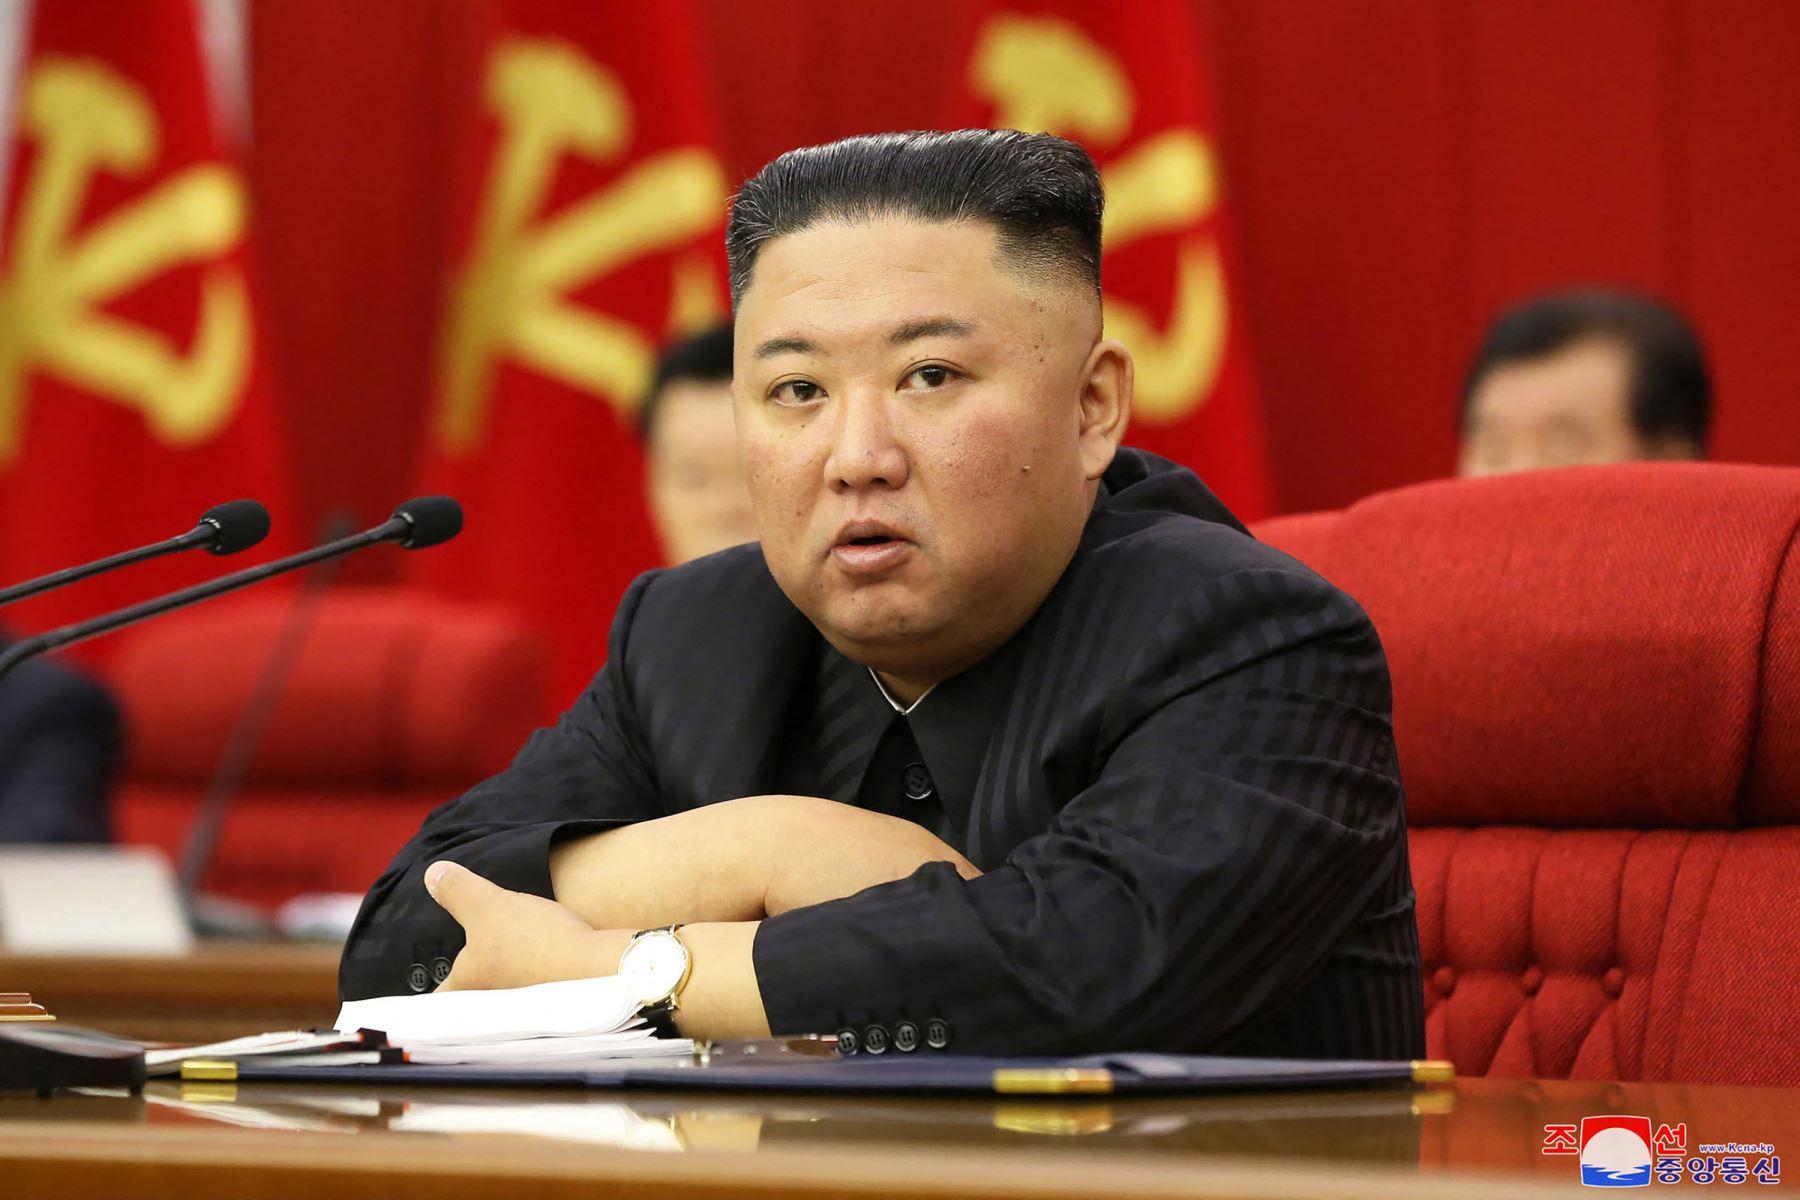 El presidente surcoreano ha sido señalado como el artífice de la primera cumbre entre Corea del Norte y un presidente estadounidense, en junio de 2018 en Singapur. Foto: AFP